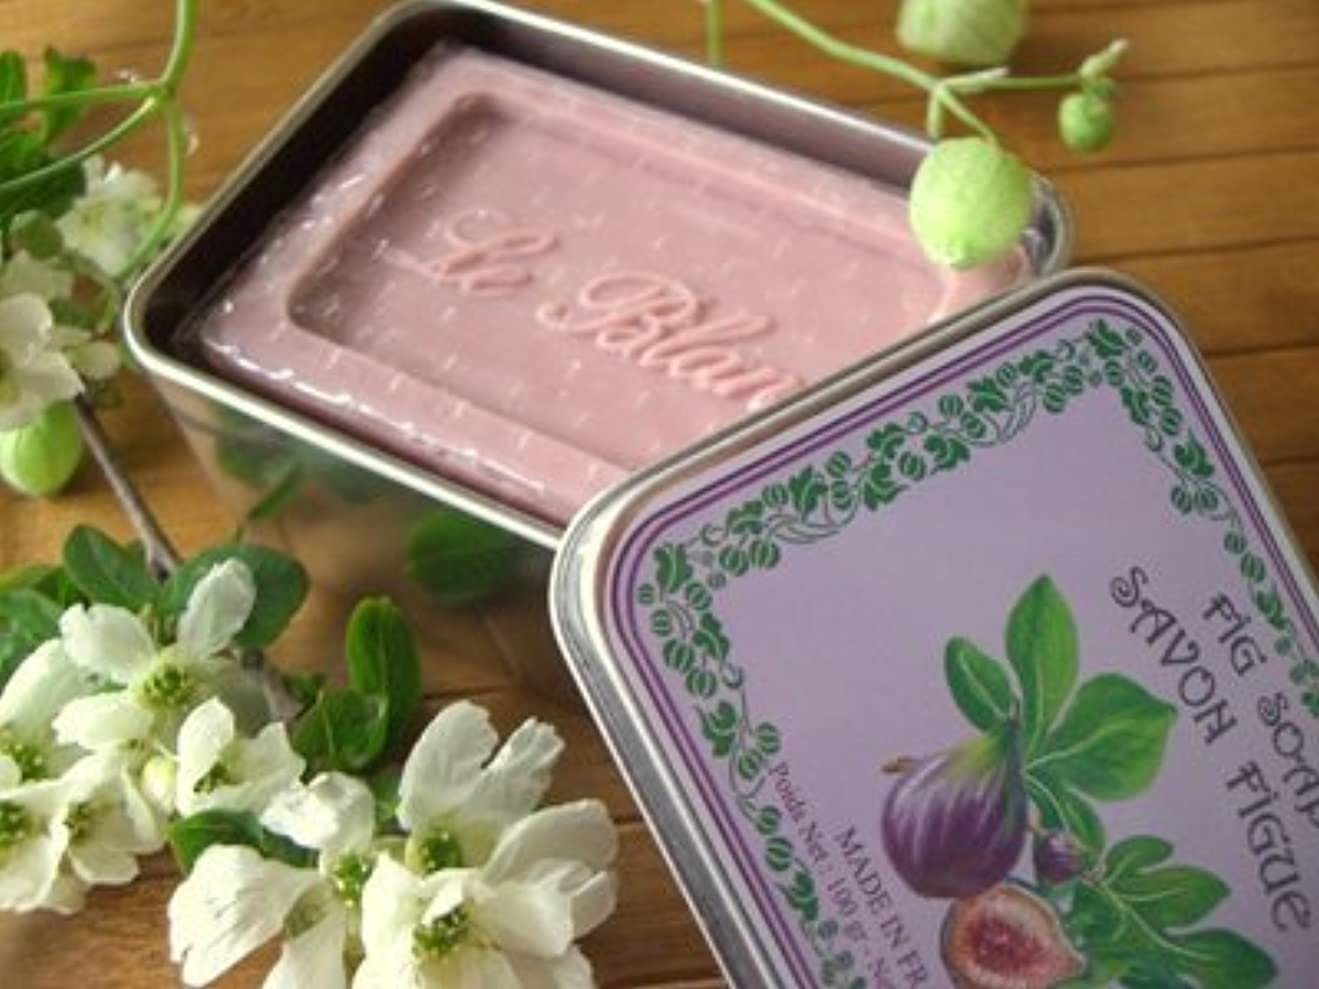 条約航空便忘れられないLE BLANC SOAP(ルブランソープ) イチジクの香り LB007ルブランソープ メタルボックス(leblanclb007)